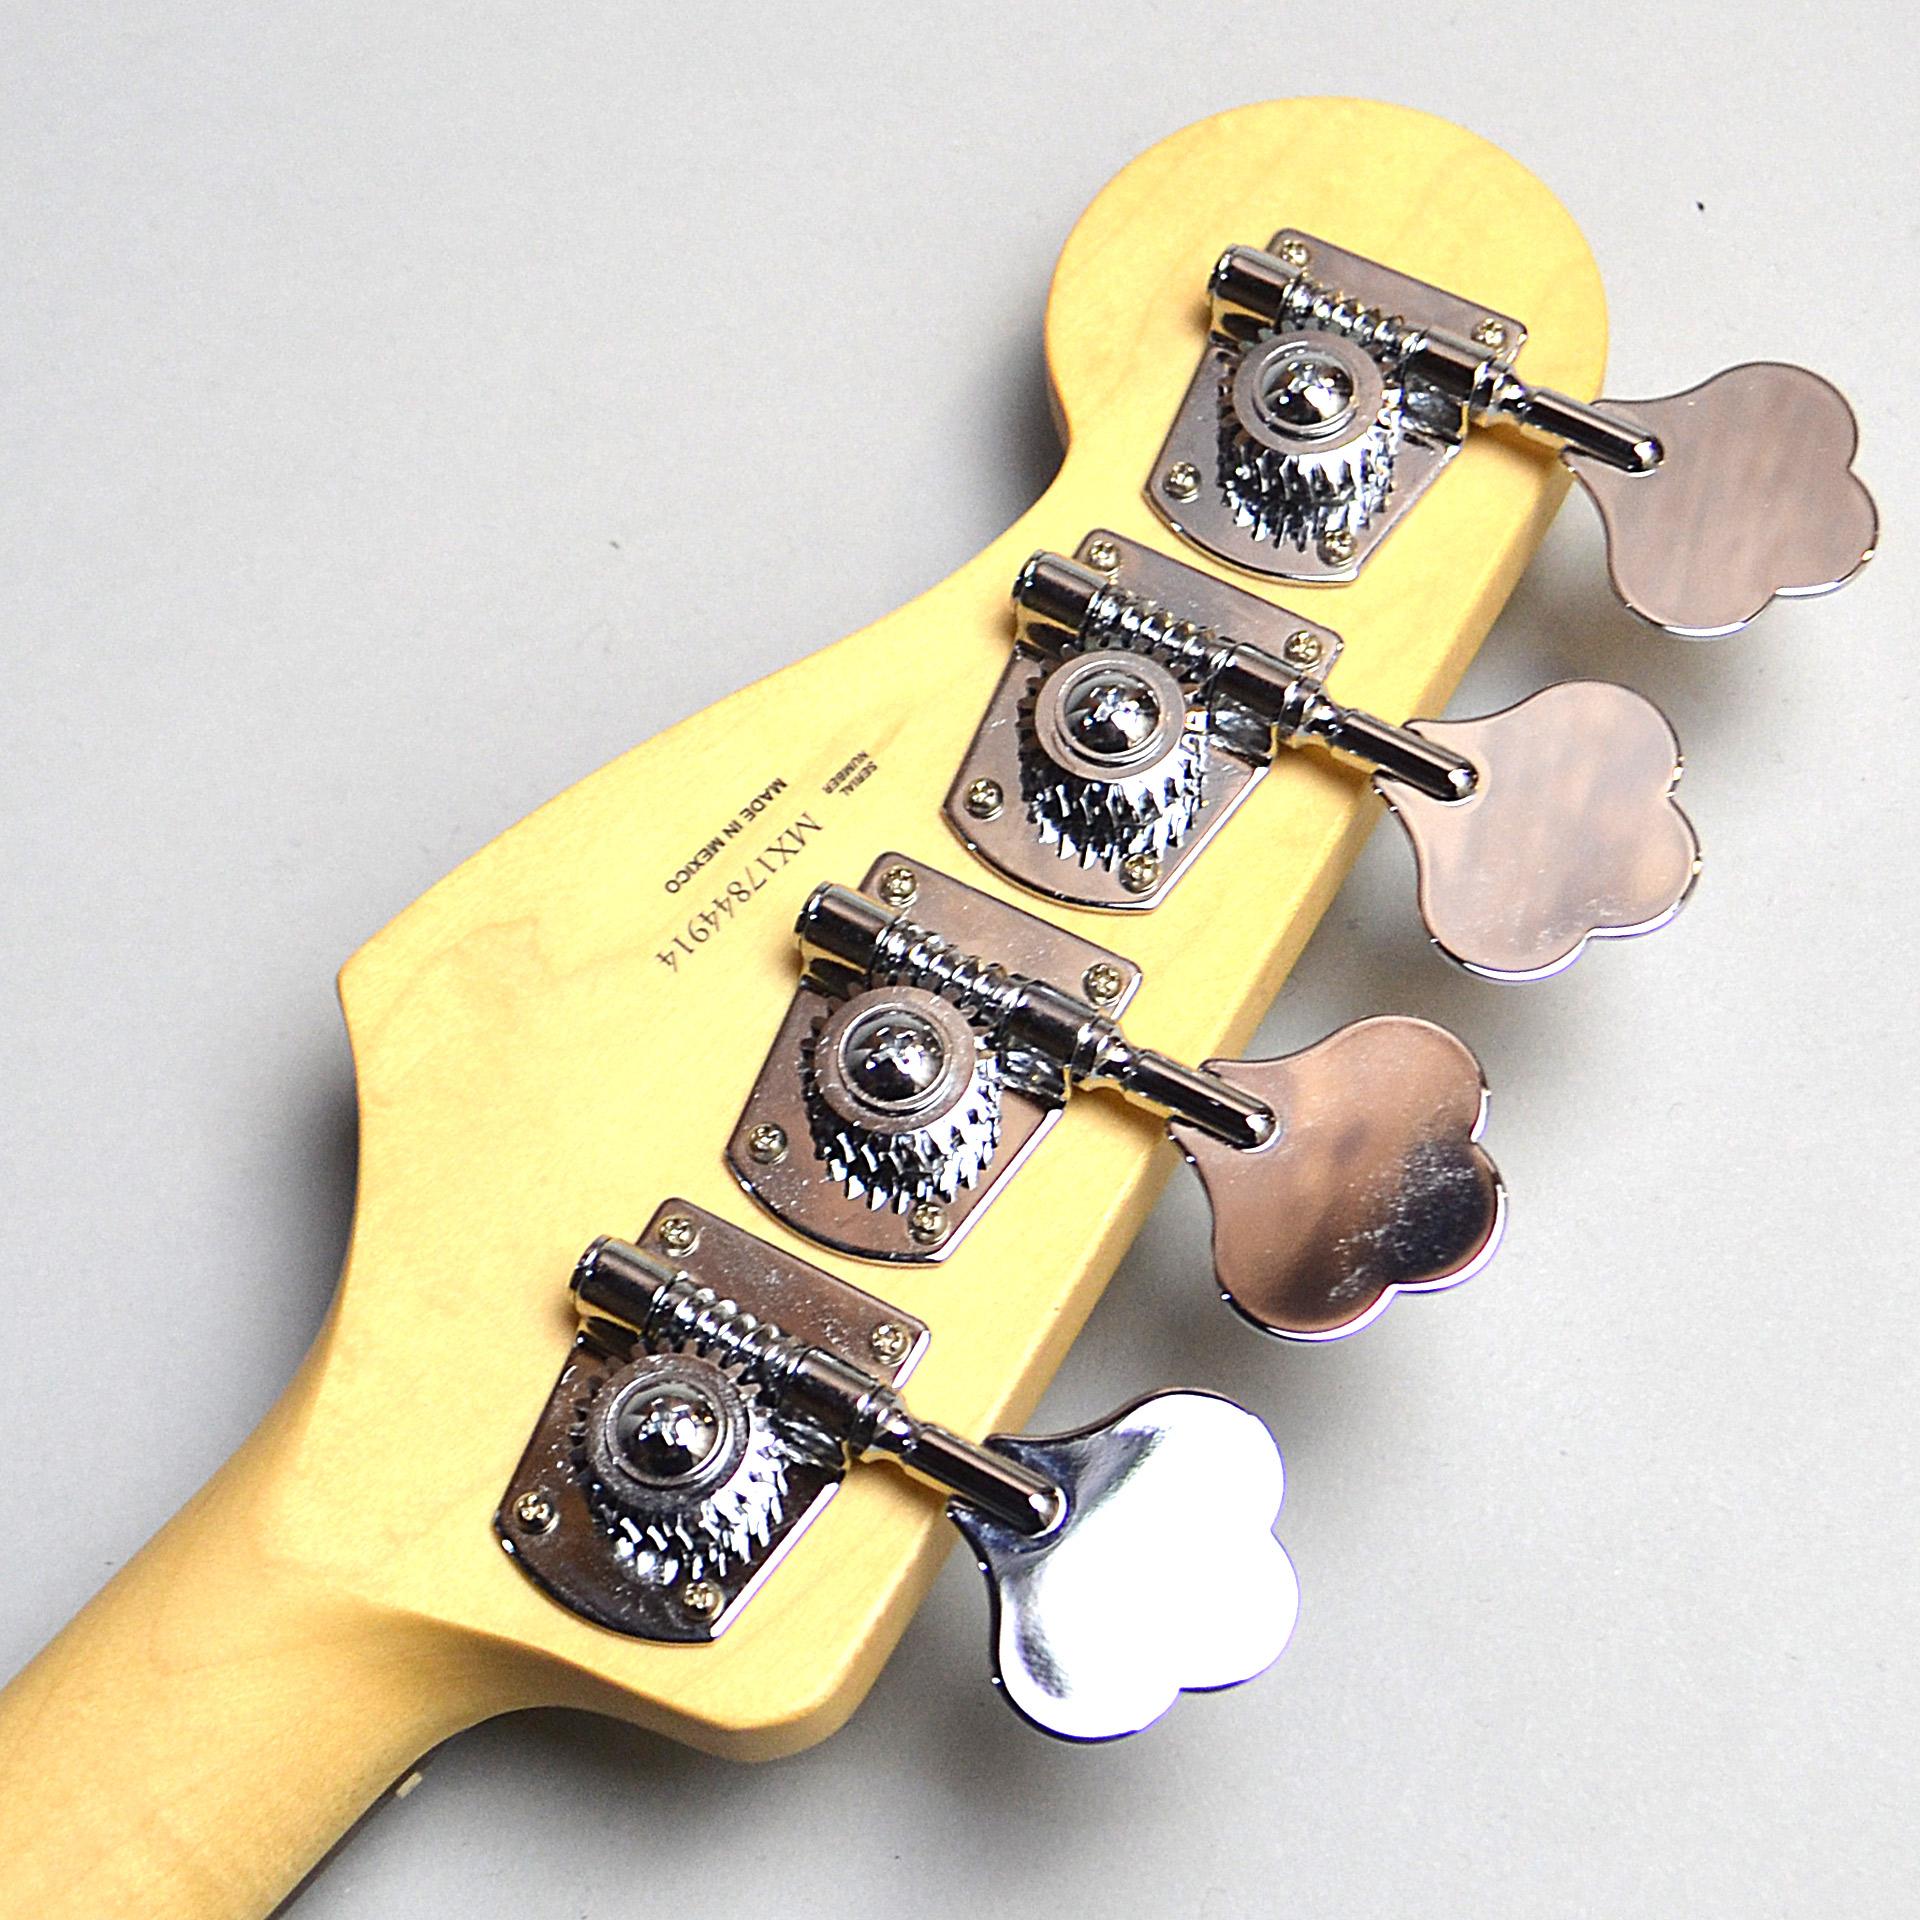 MEX Standard Jazzbassのヘッド裏-アップ画像